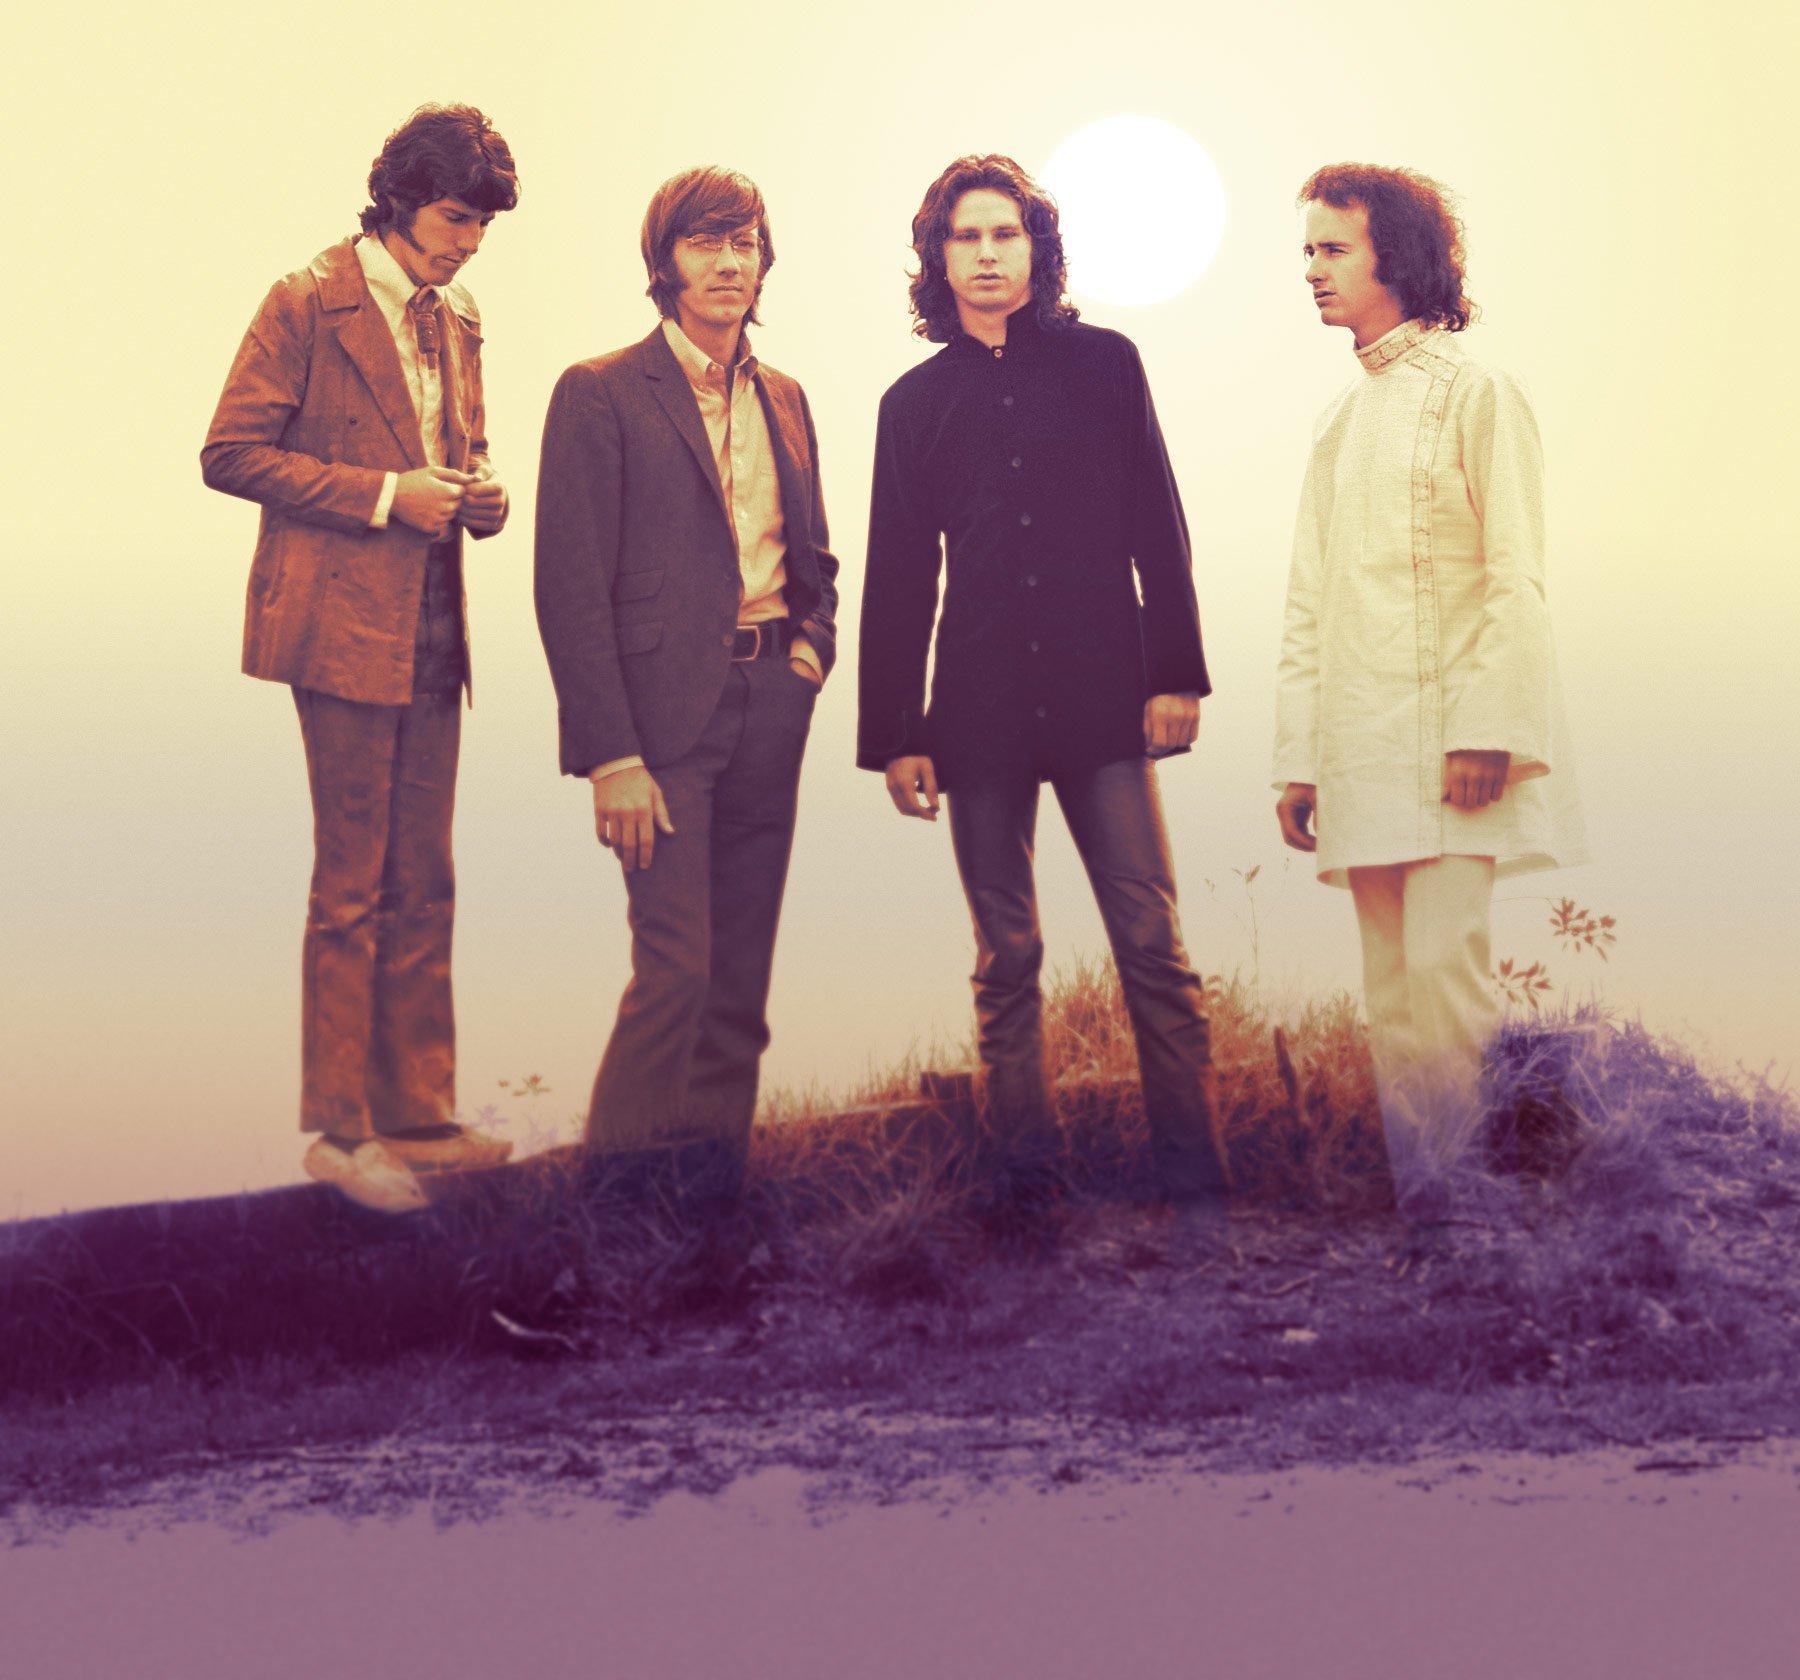 Variety – January 29, 1969 – The Doors